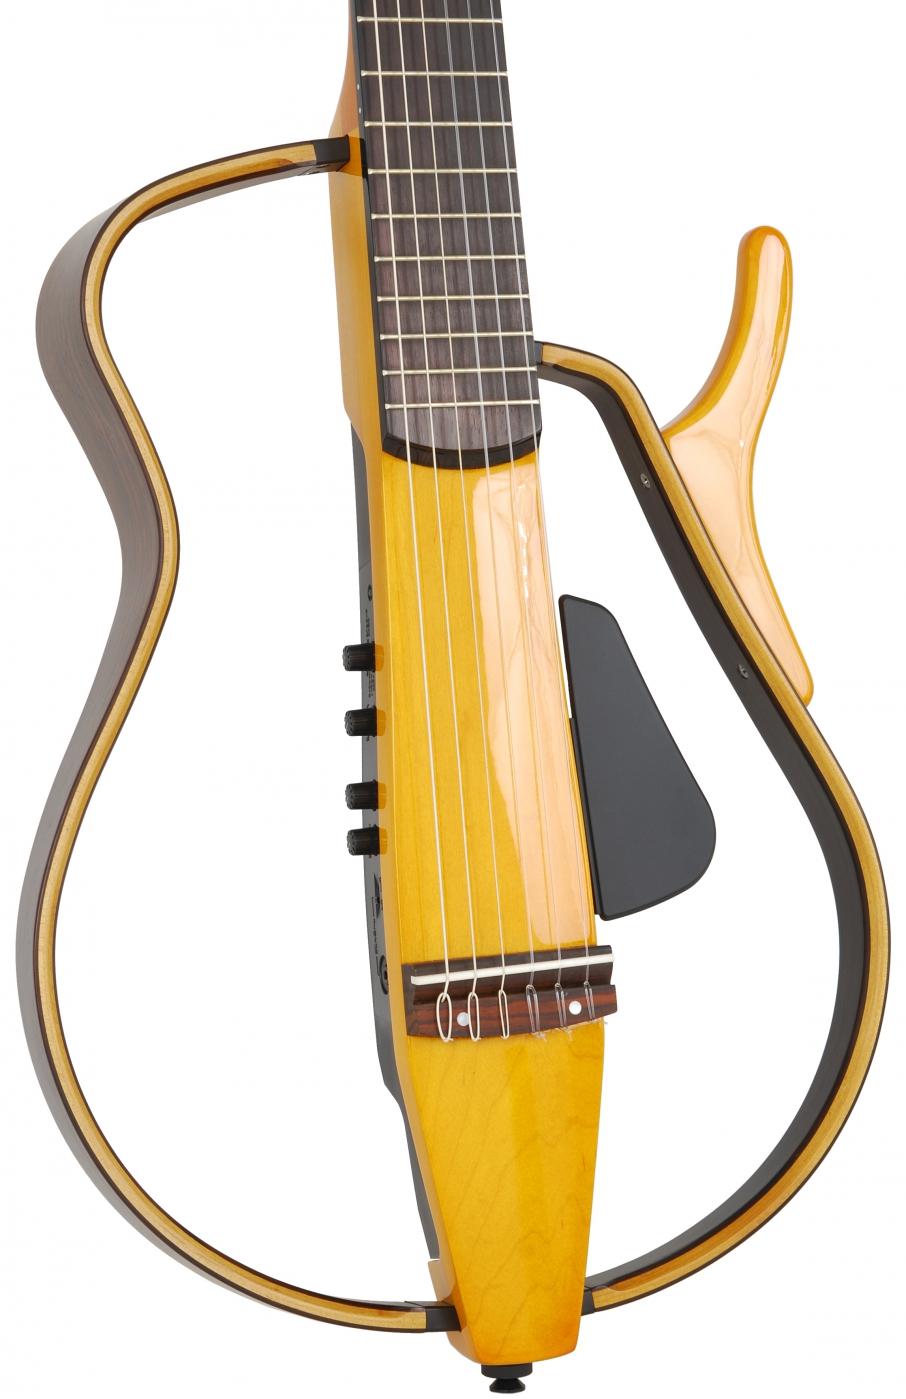 yamaha slg 130 nw light amber burst silent guitar. Black Bedroom Furniture Sets. Home Design Ideas